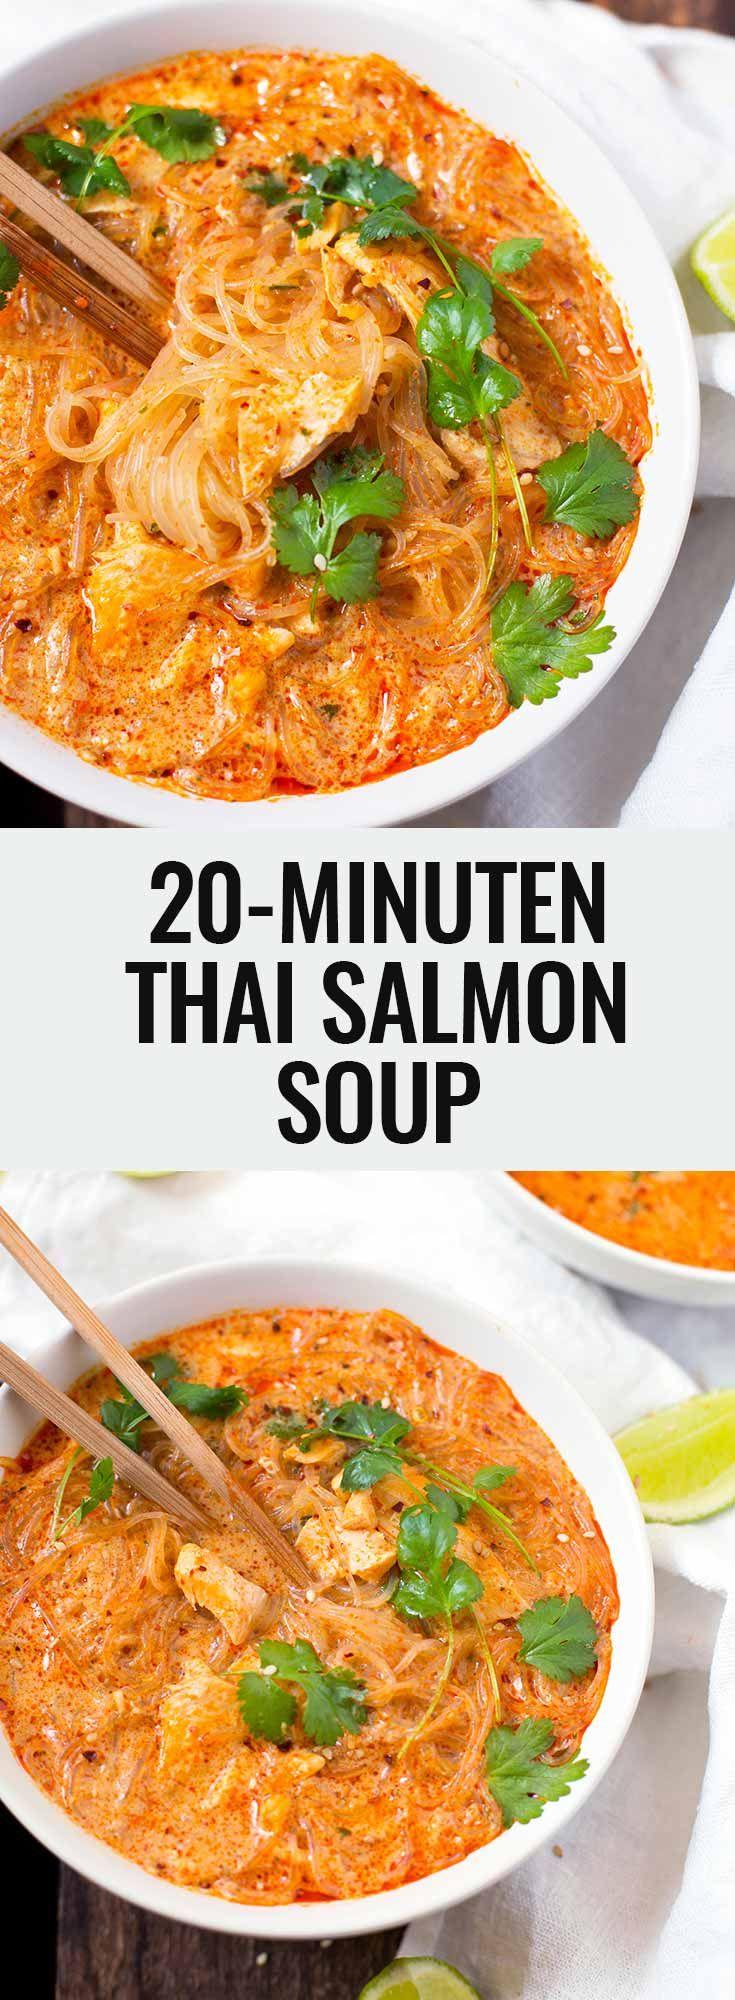 20-Minuten Thai Salmon Soup mit Lachs, Kokosmilch, roter Currypaste, Ingwer, Knoblauch, Gemüsebrühe, Sojasauce und Glasnudeln. Super einfach und lecker!